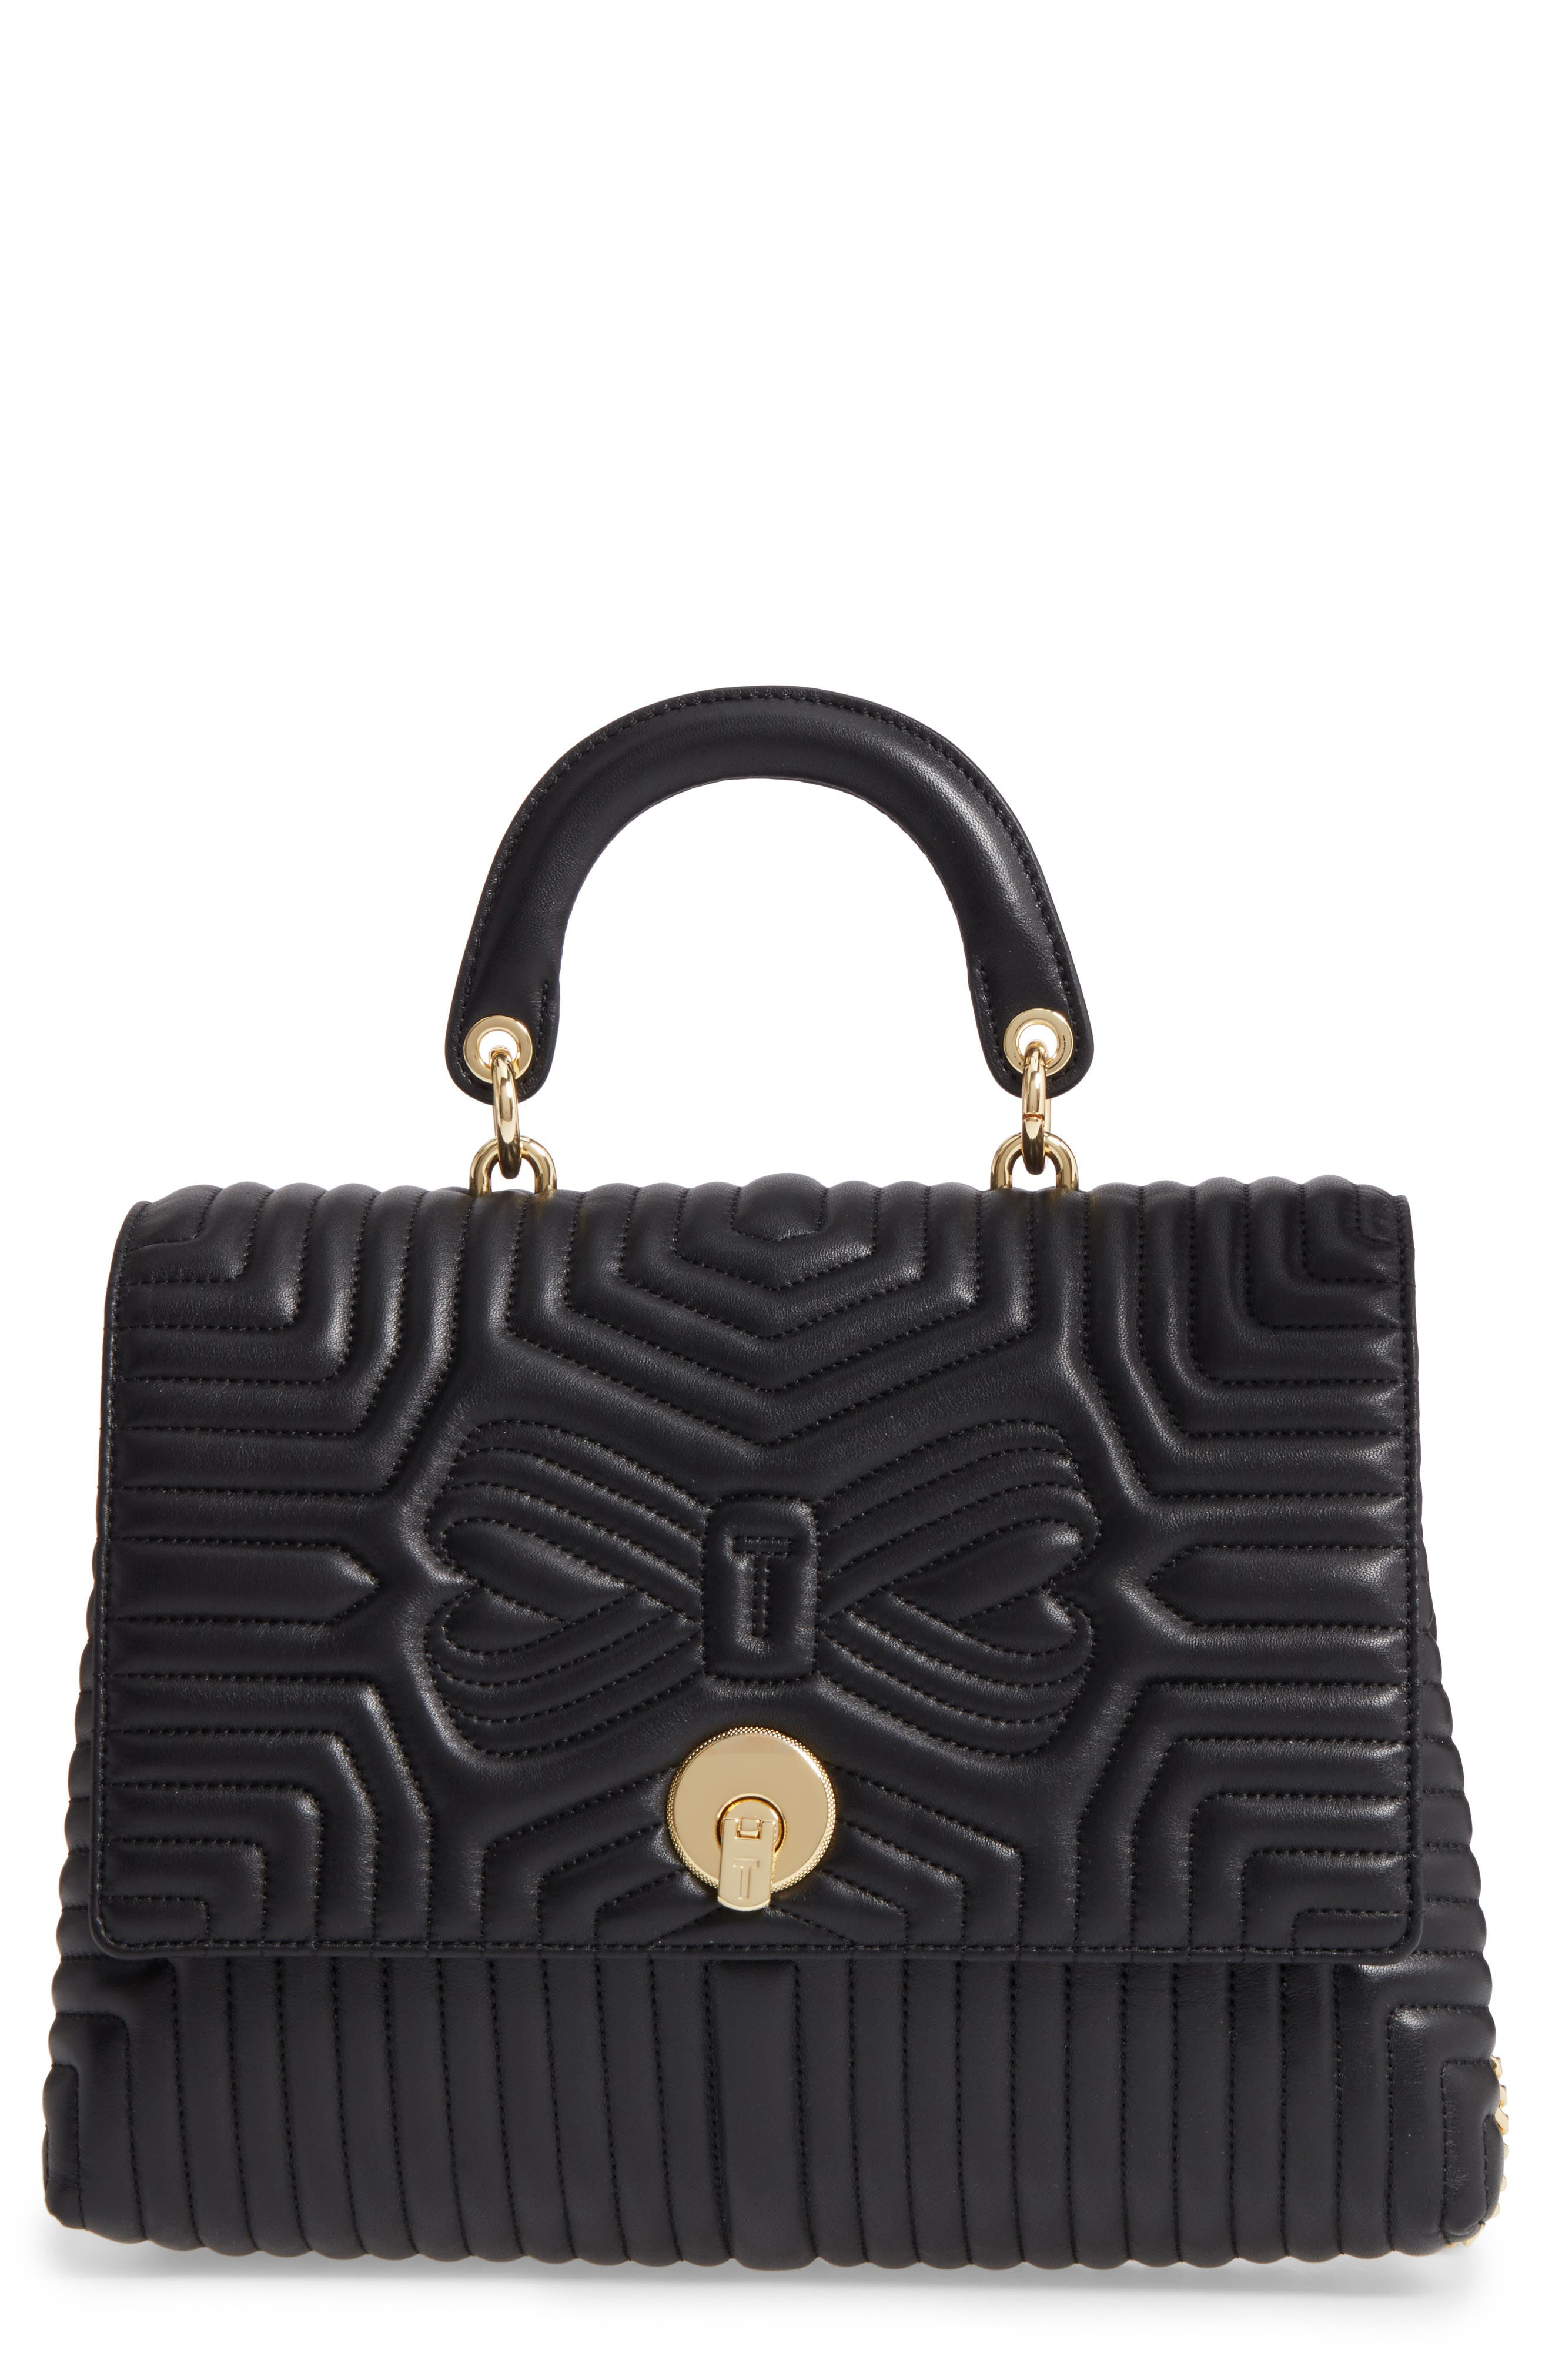 Alternate Image 1 Selected - Ted Baker London Vivida Quilted Leather Shoulder Bag